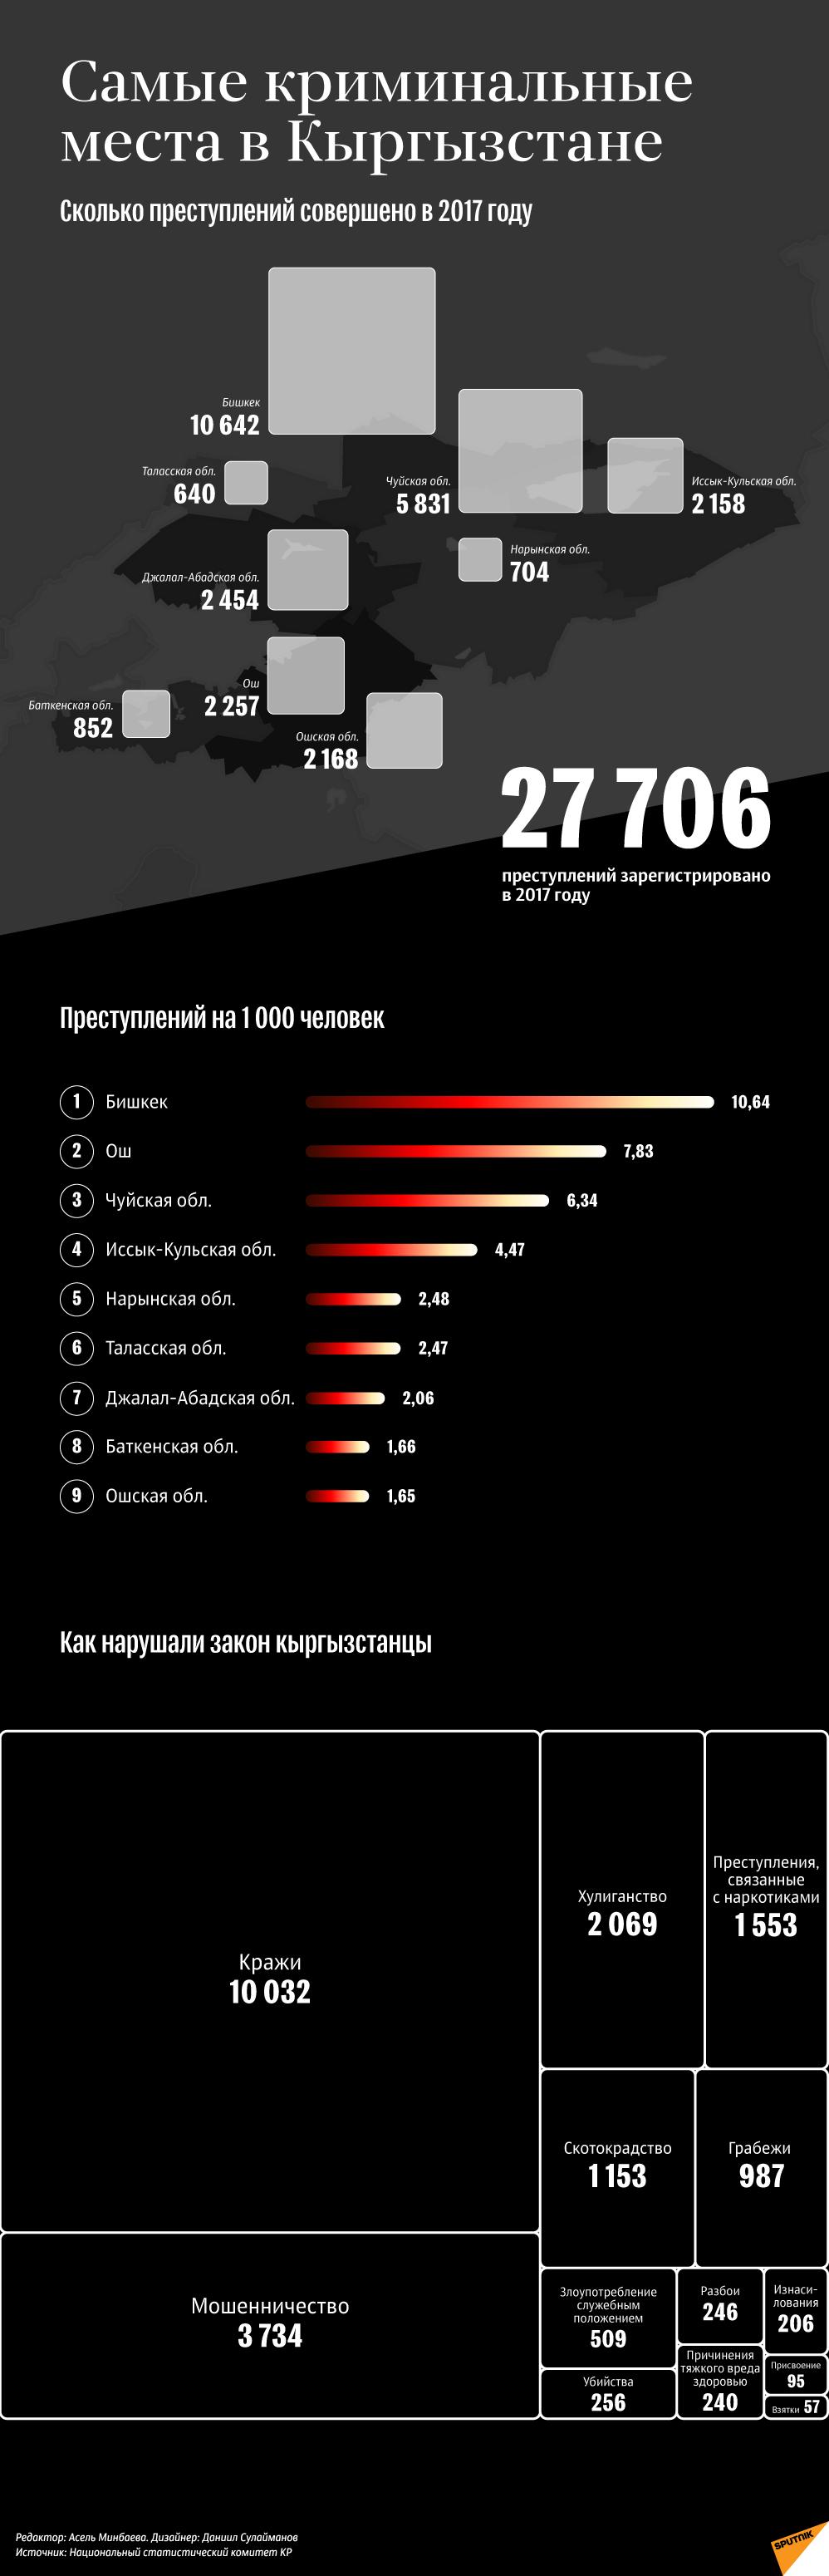 Самые криминальные места в Кыргызстане